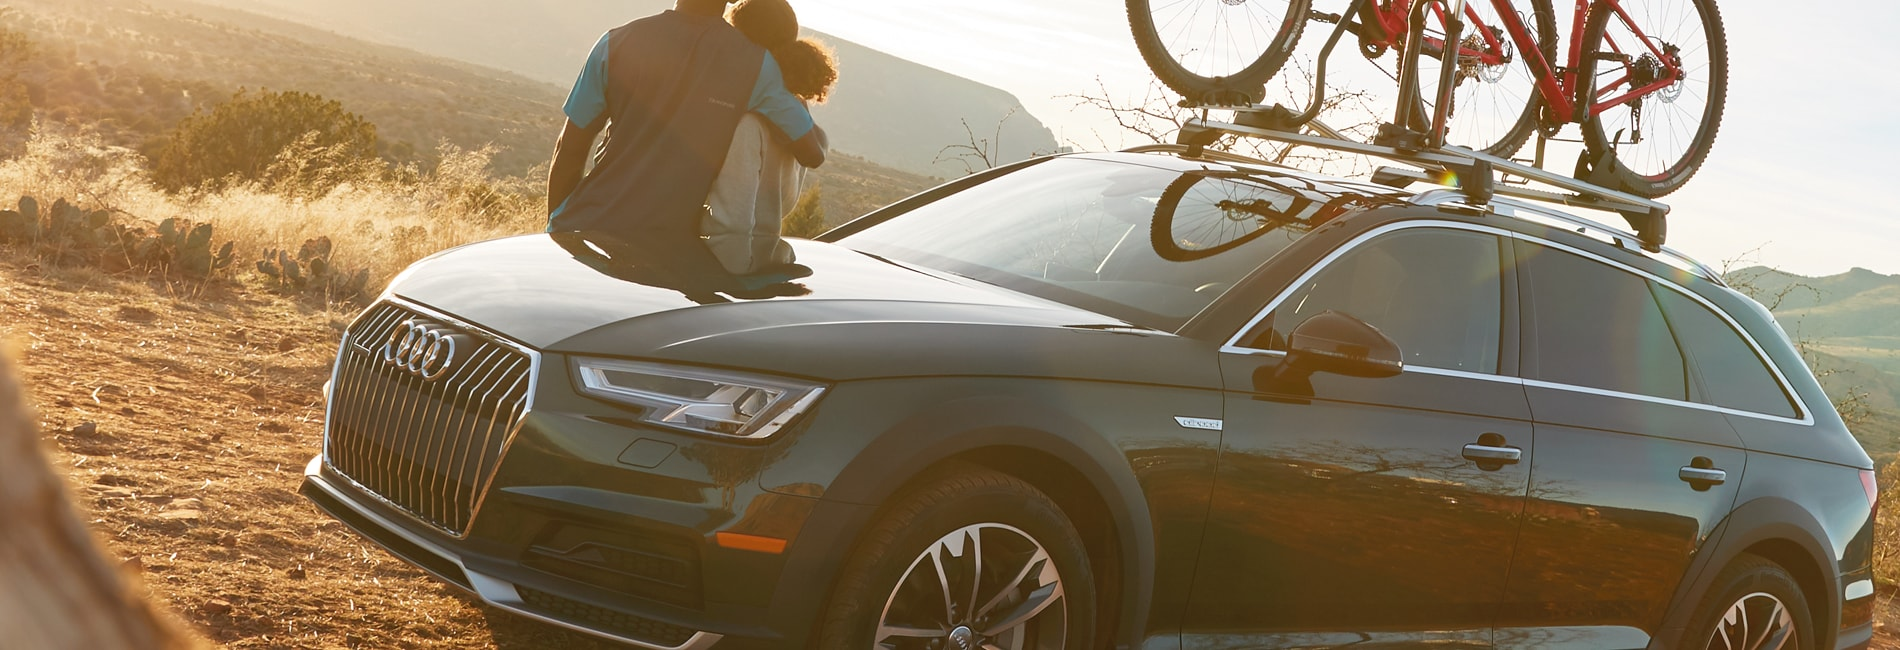 Audi A4 Allroad Exterior Features